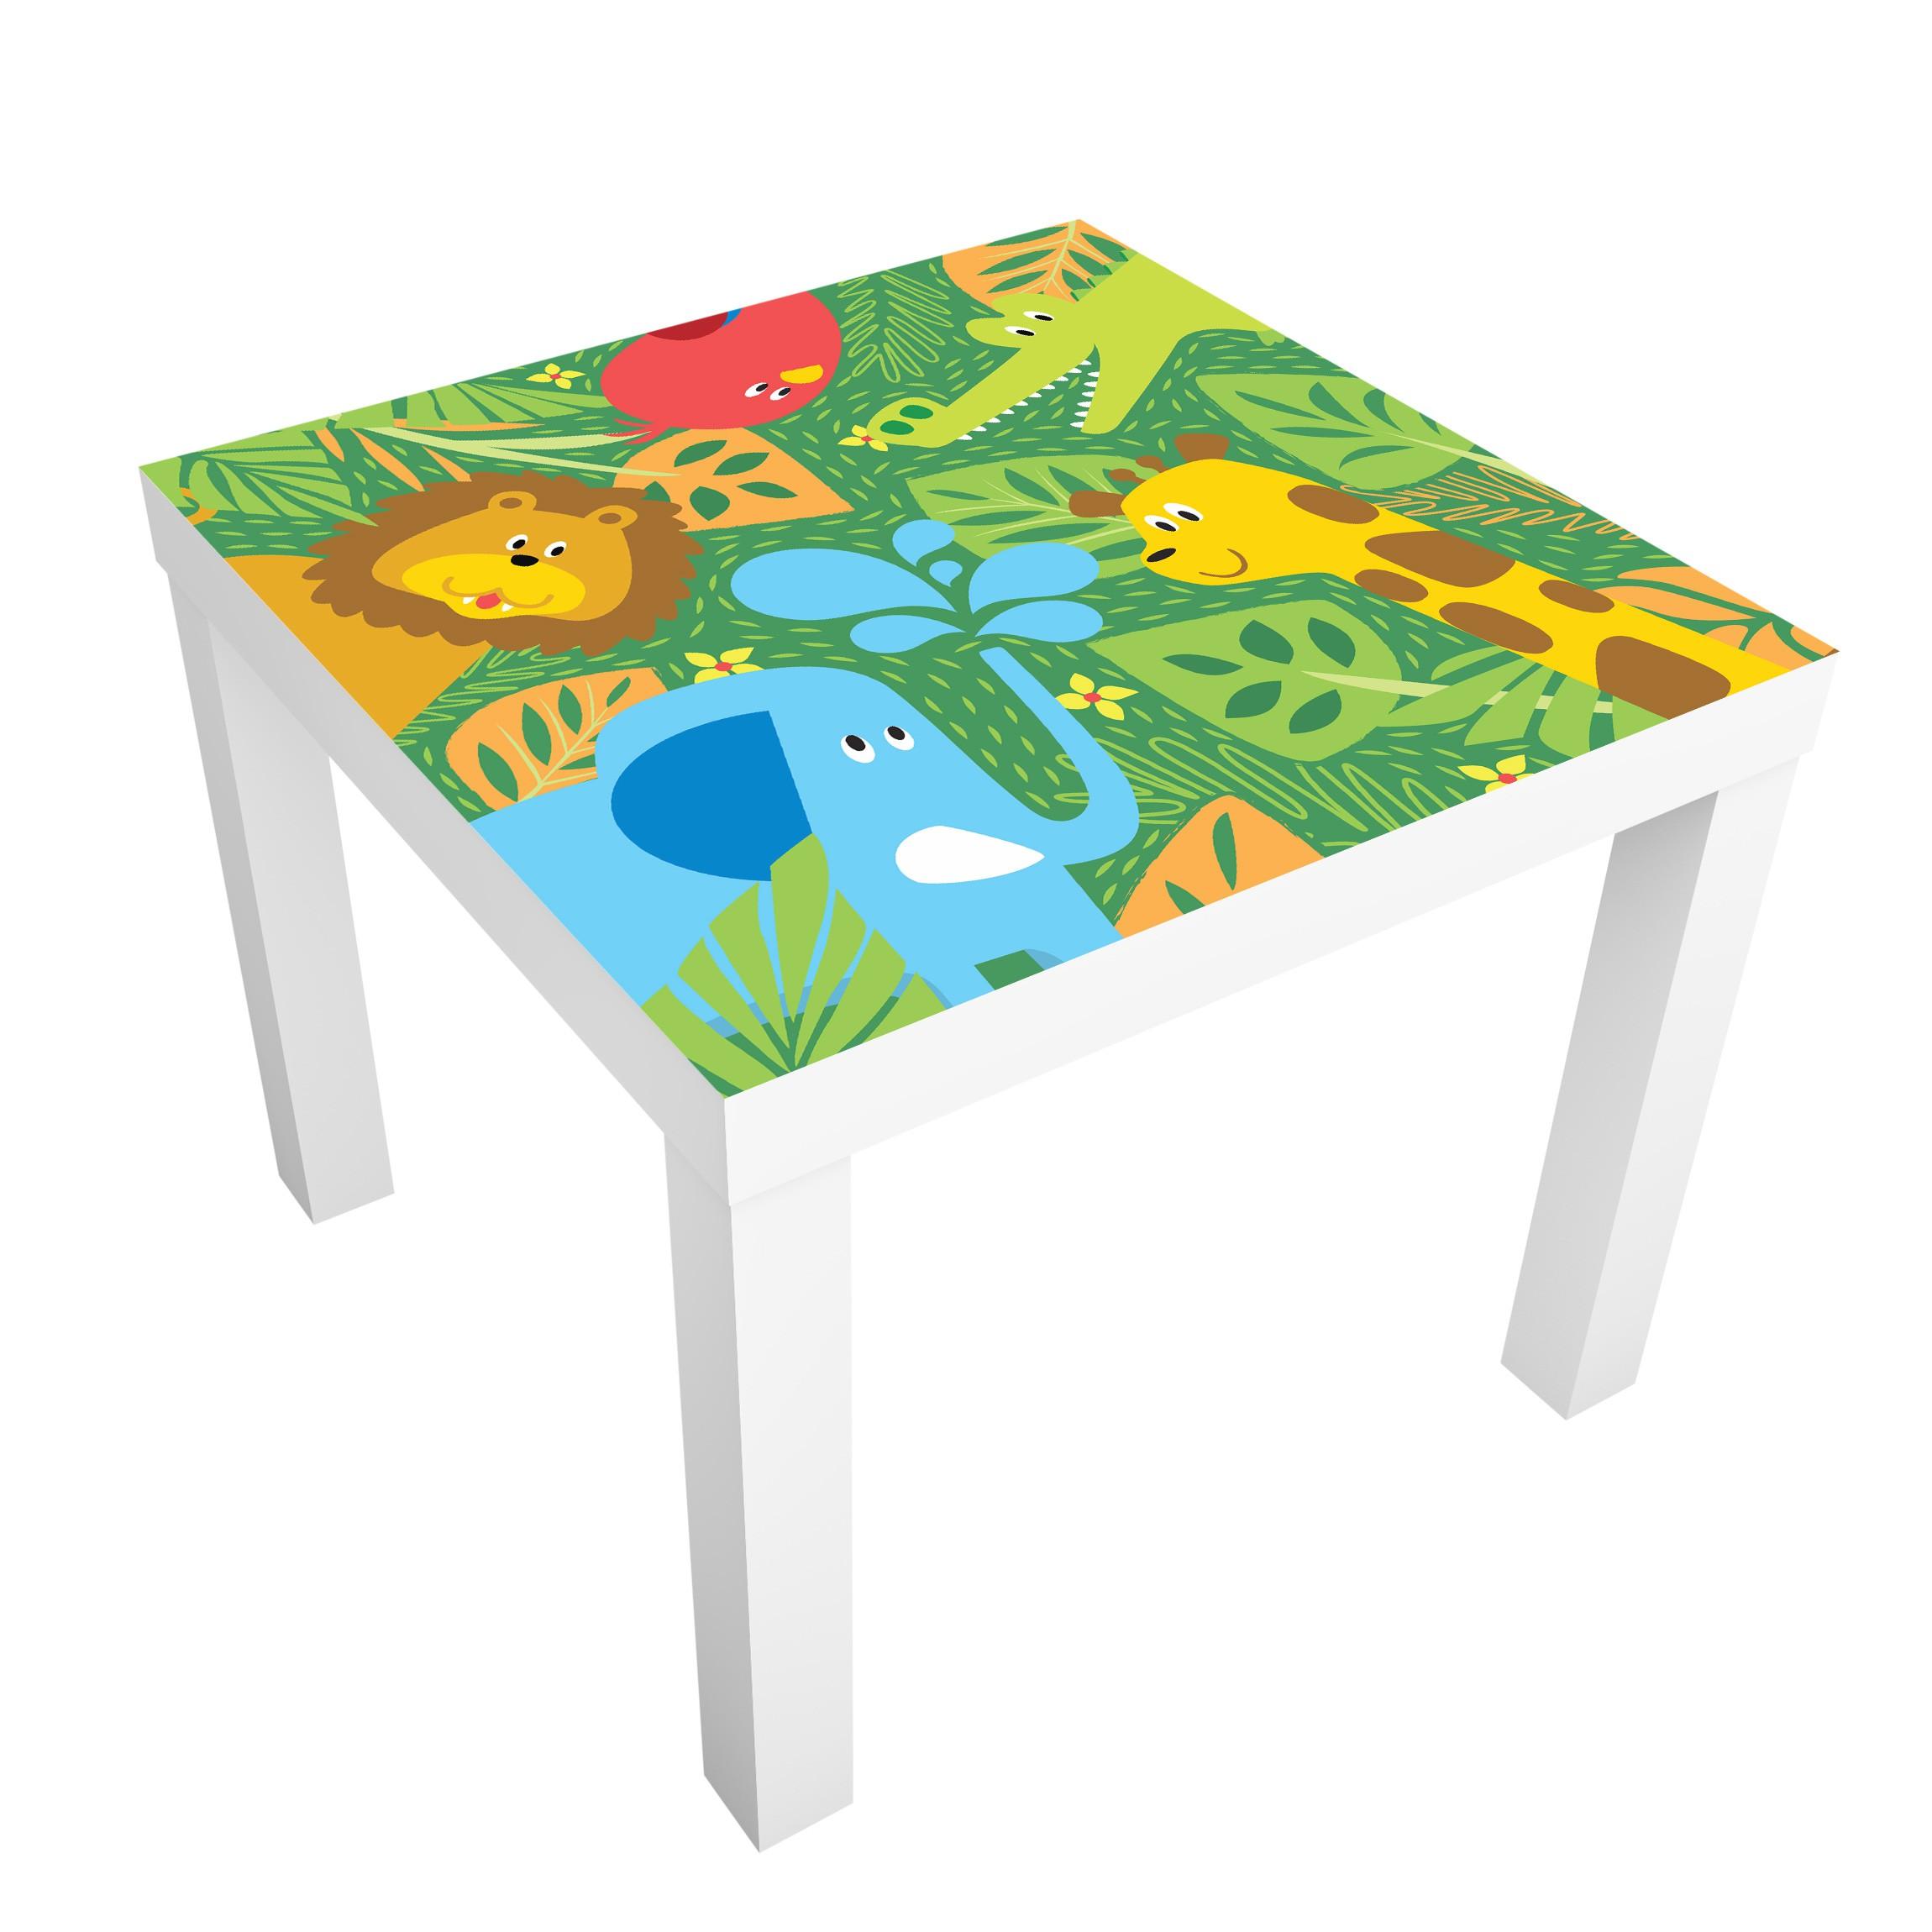 Carta adesiva per mobili ikea lack tavolino no bp4 zoo animals - Carta per coprire mobili ...